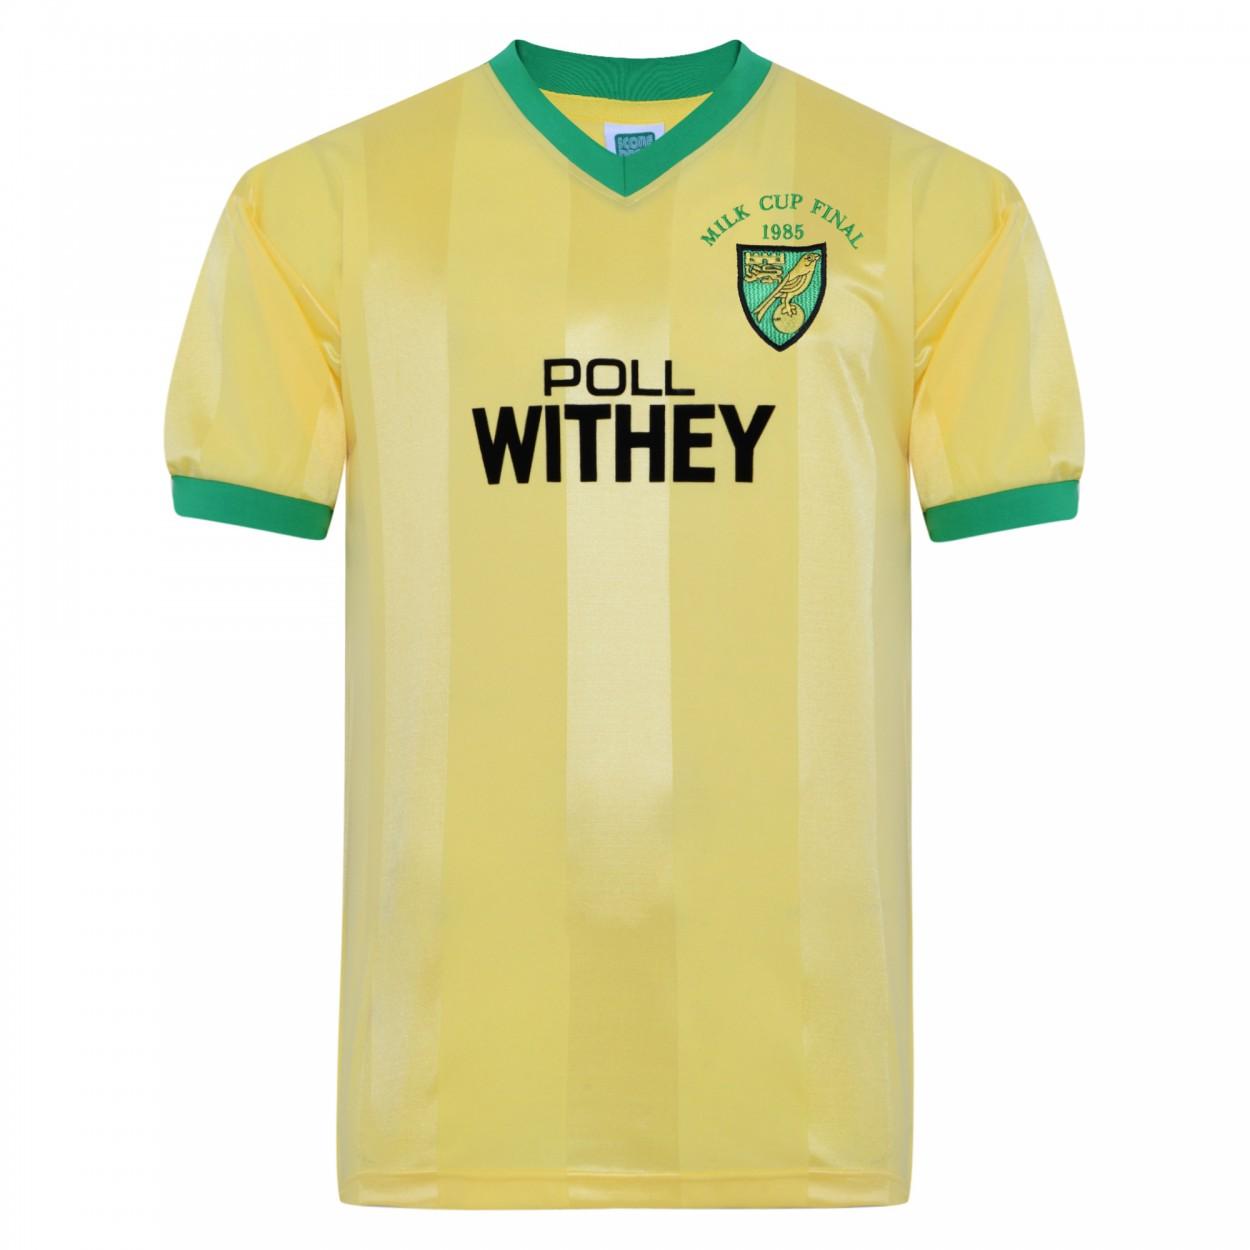 Norwich City 1985 League Cup Final shirt